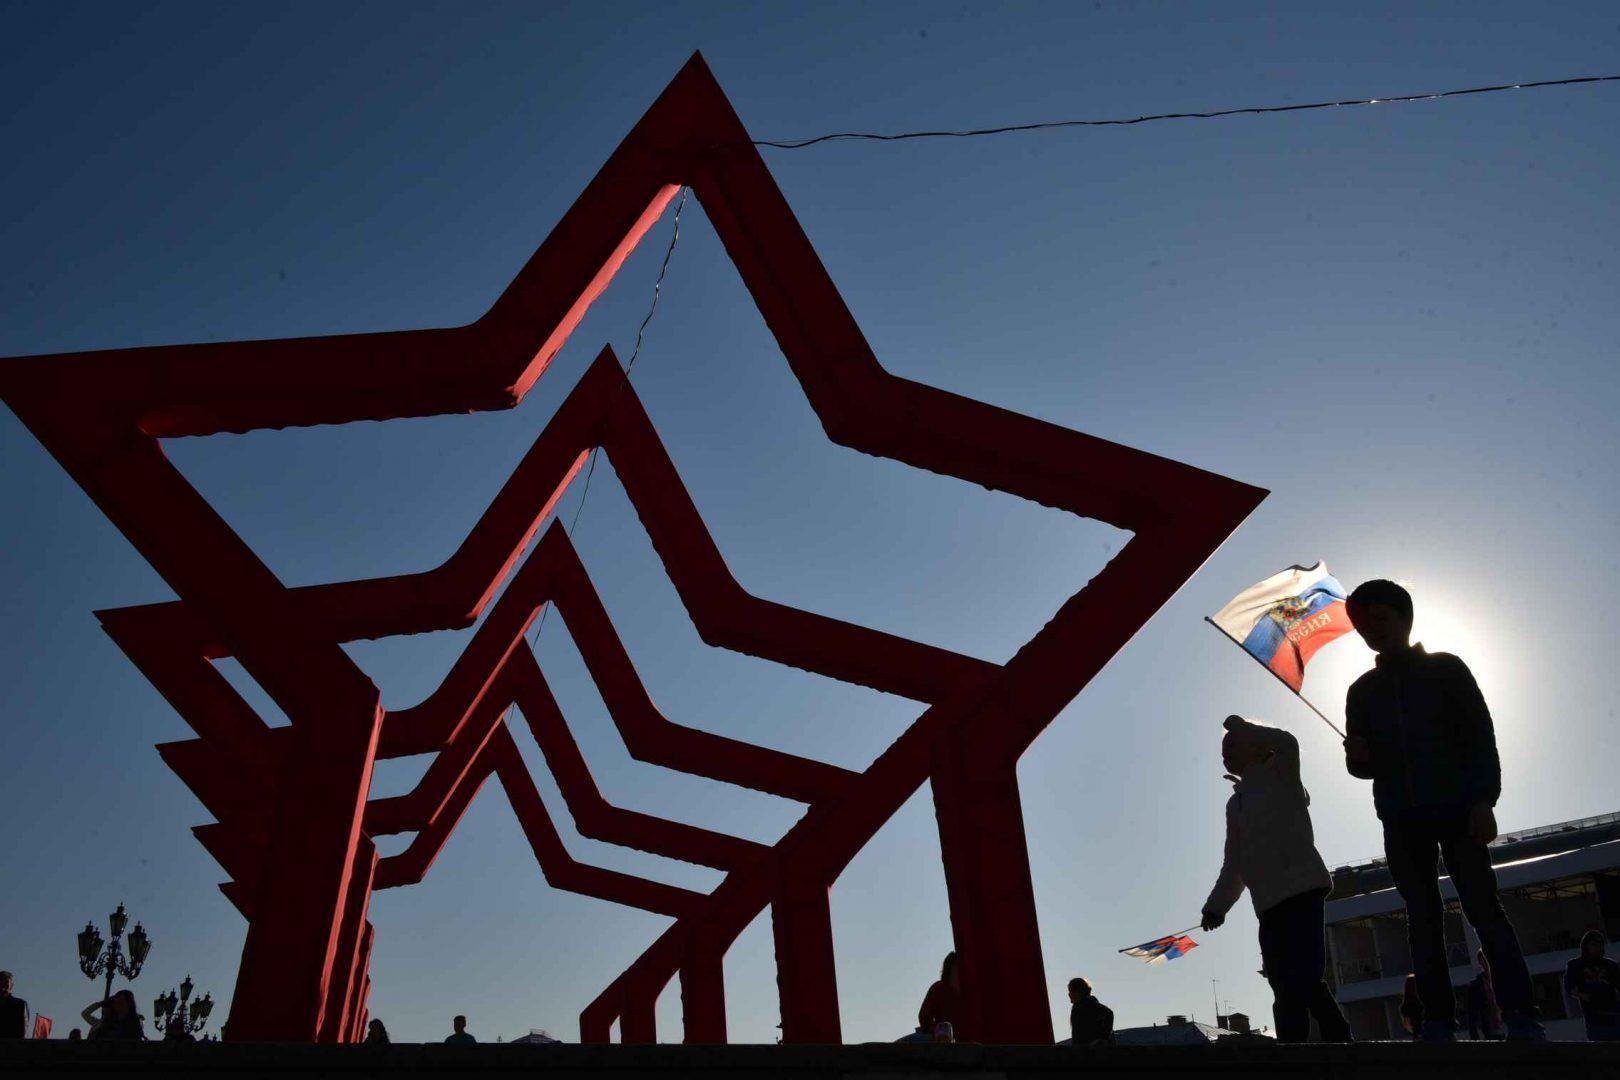 Открытки доставят волонтеры. Фото: Владимир Новиков, «Вечерняя Москва»